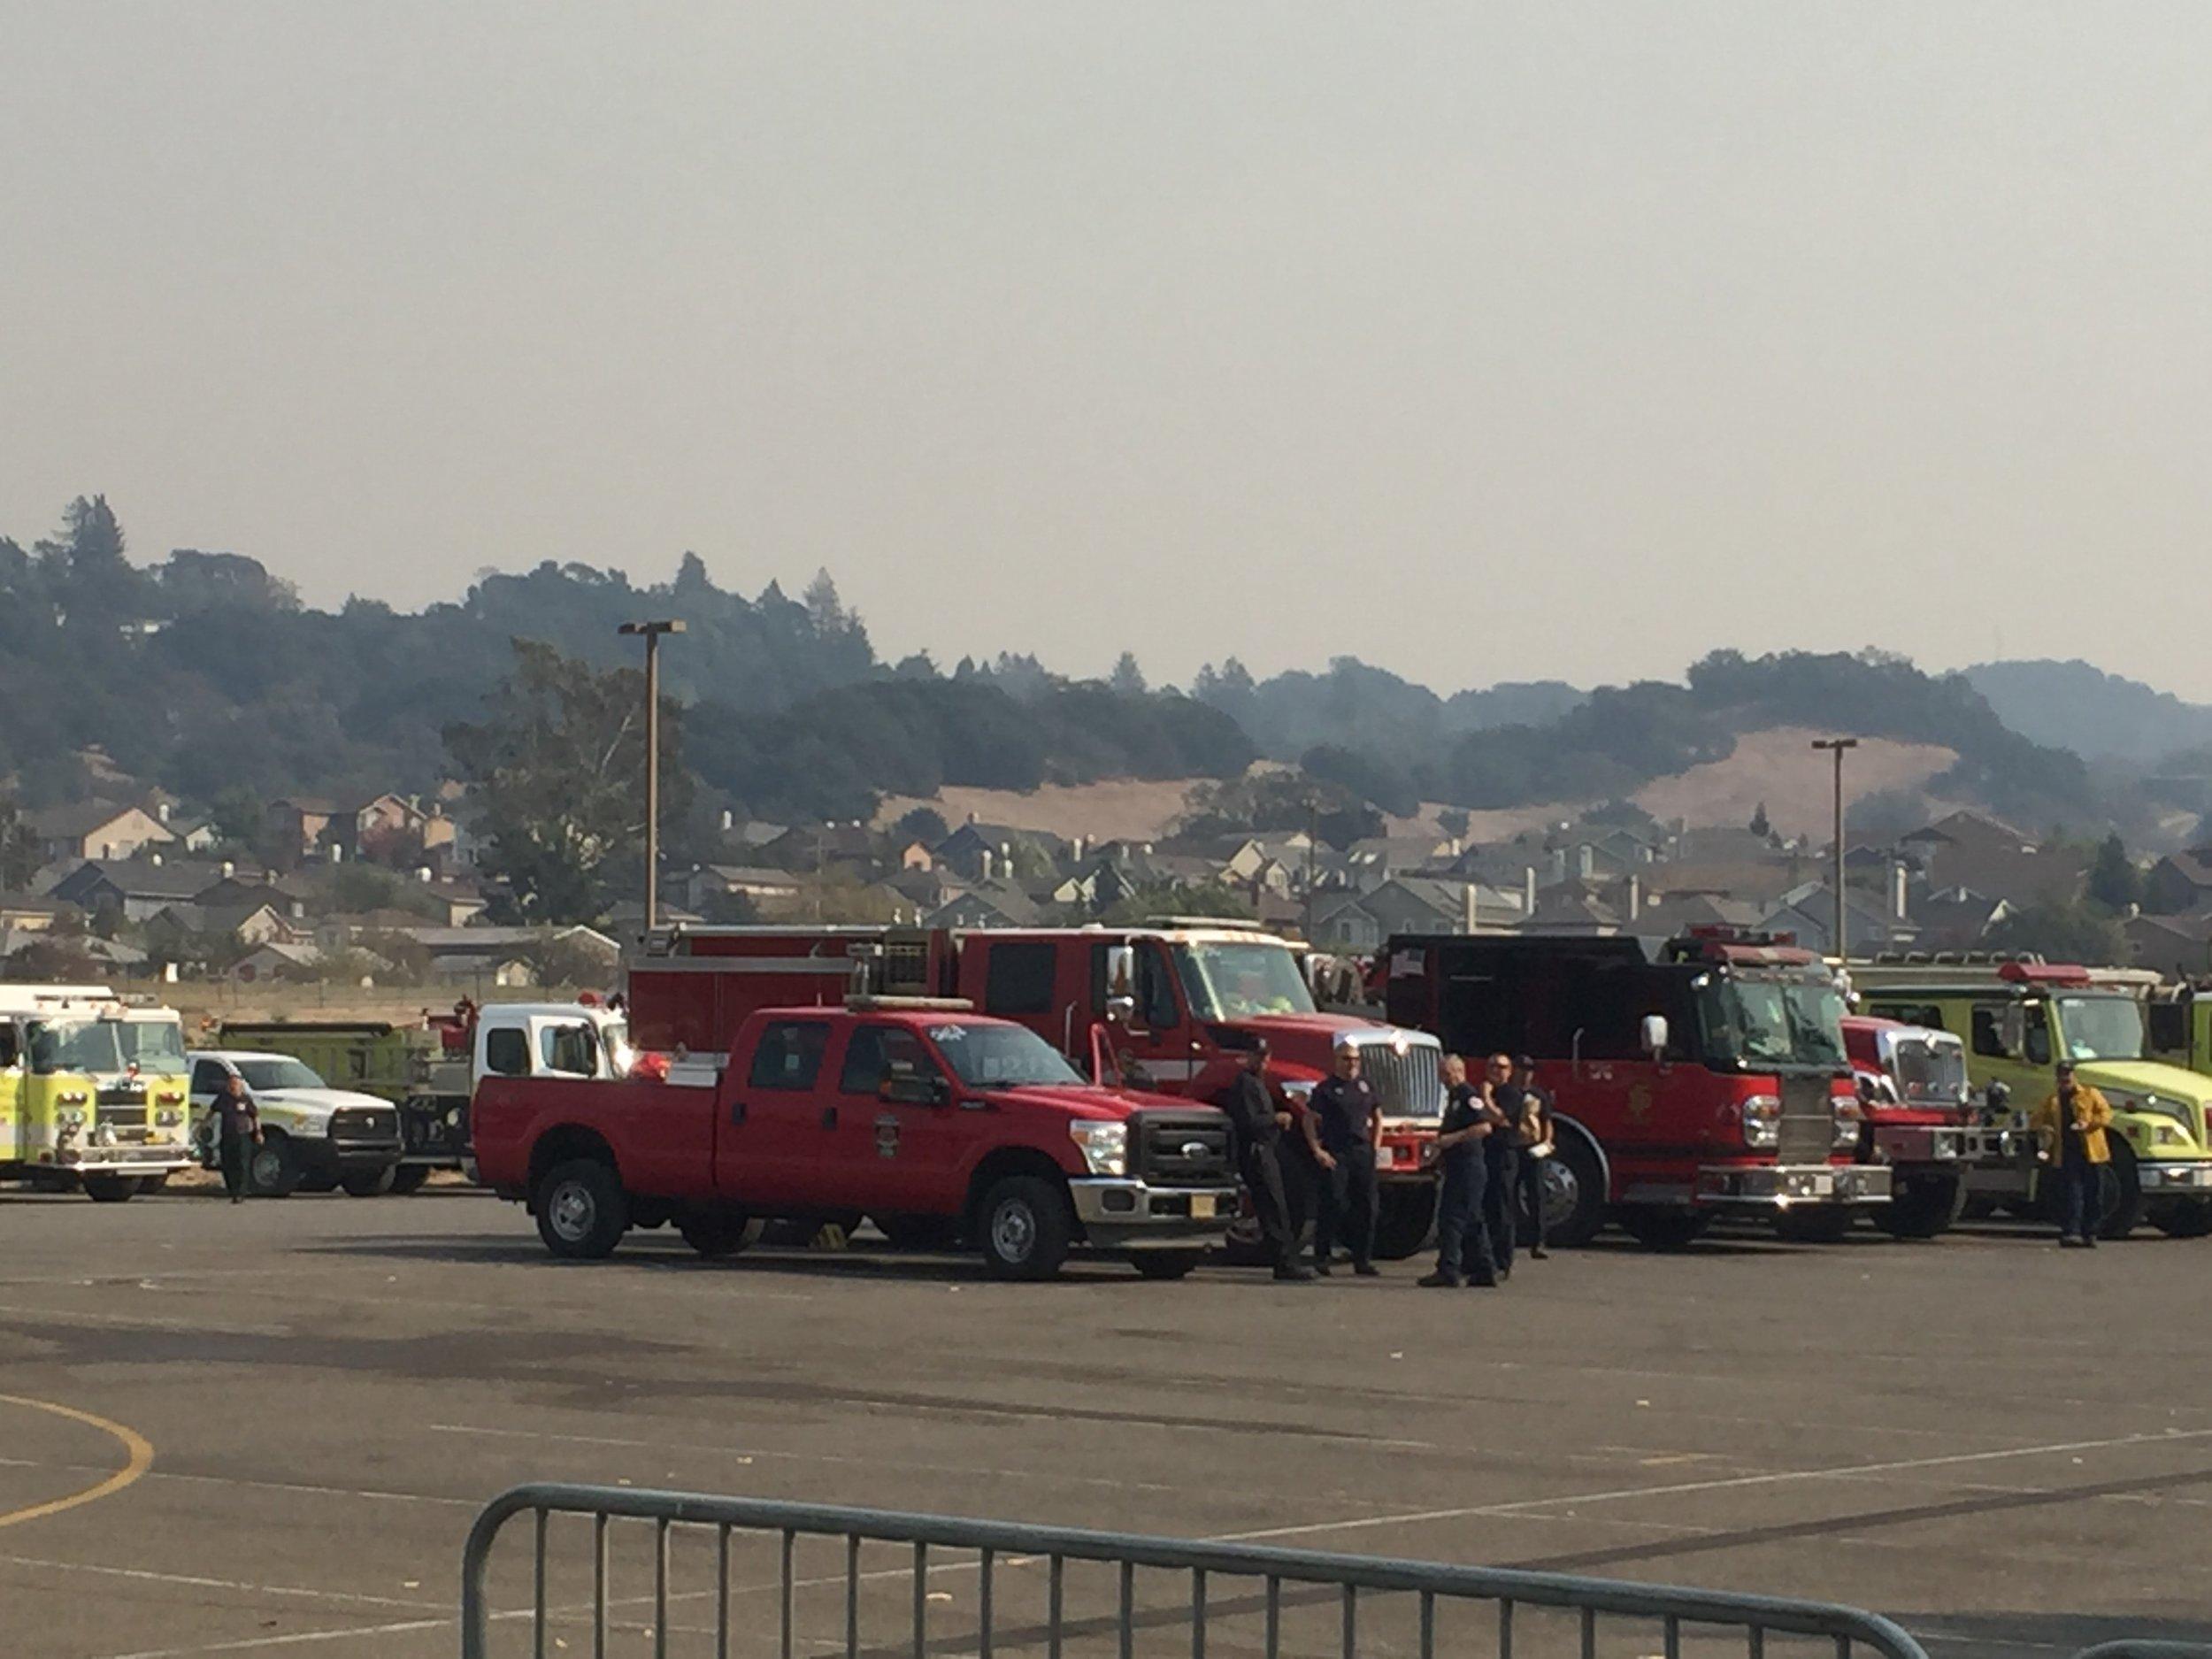 Santa Monica Fairgrounds Response Center Northbay fires 2.jpg